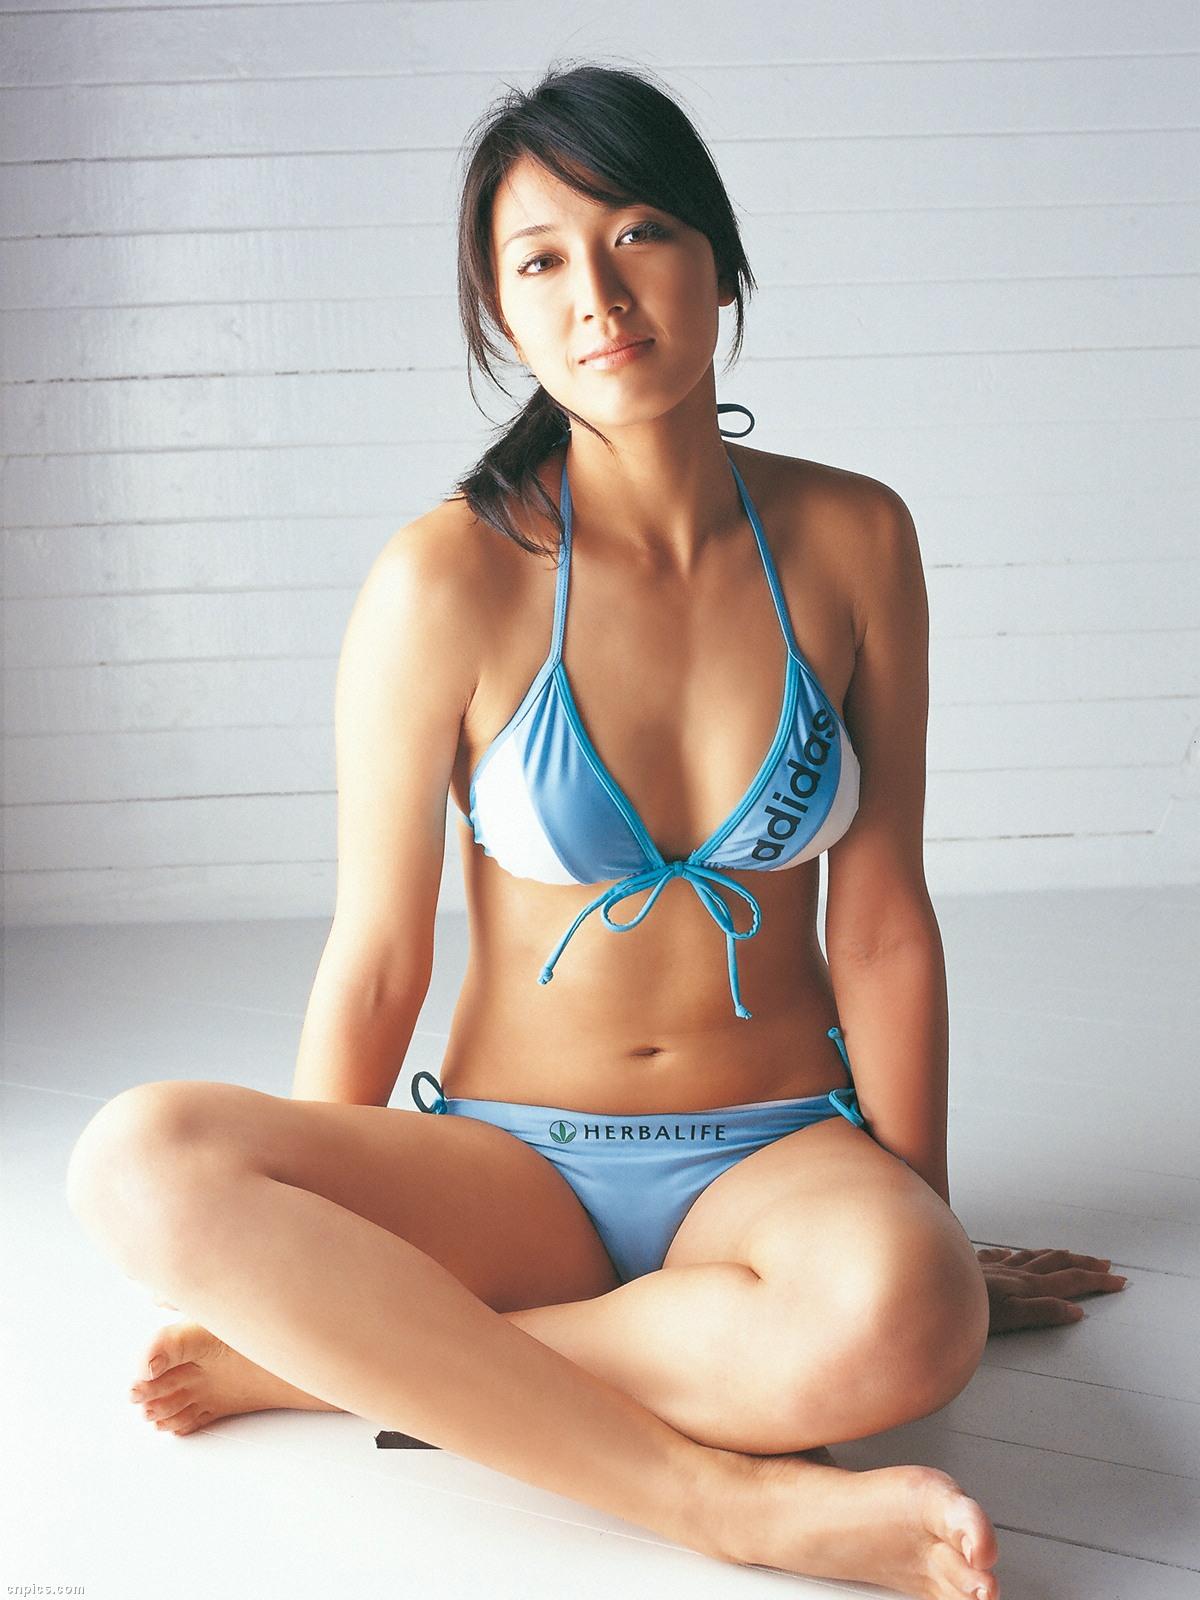 浅尾美和 日焼け セクシー おっぱいの谷間 巨乳 ビキニ 水着 開脚 局部 笑顔 エロかわいい画像11